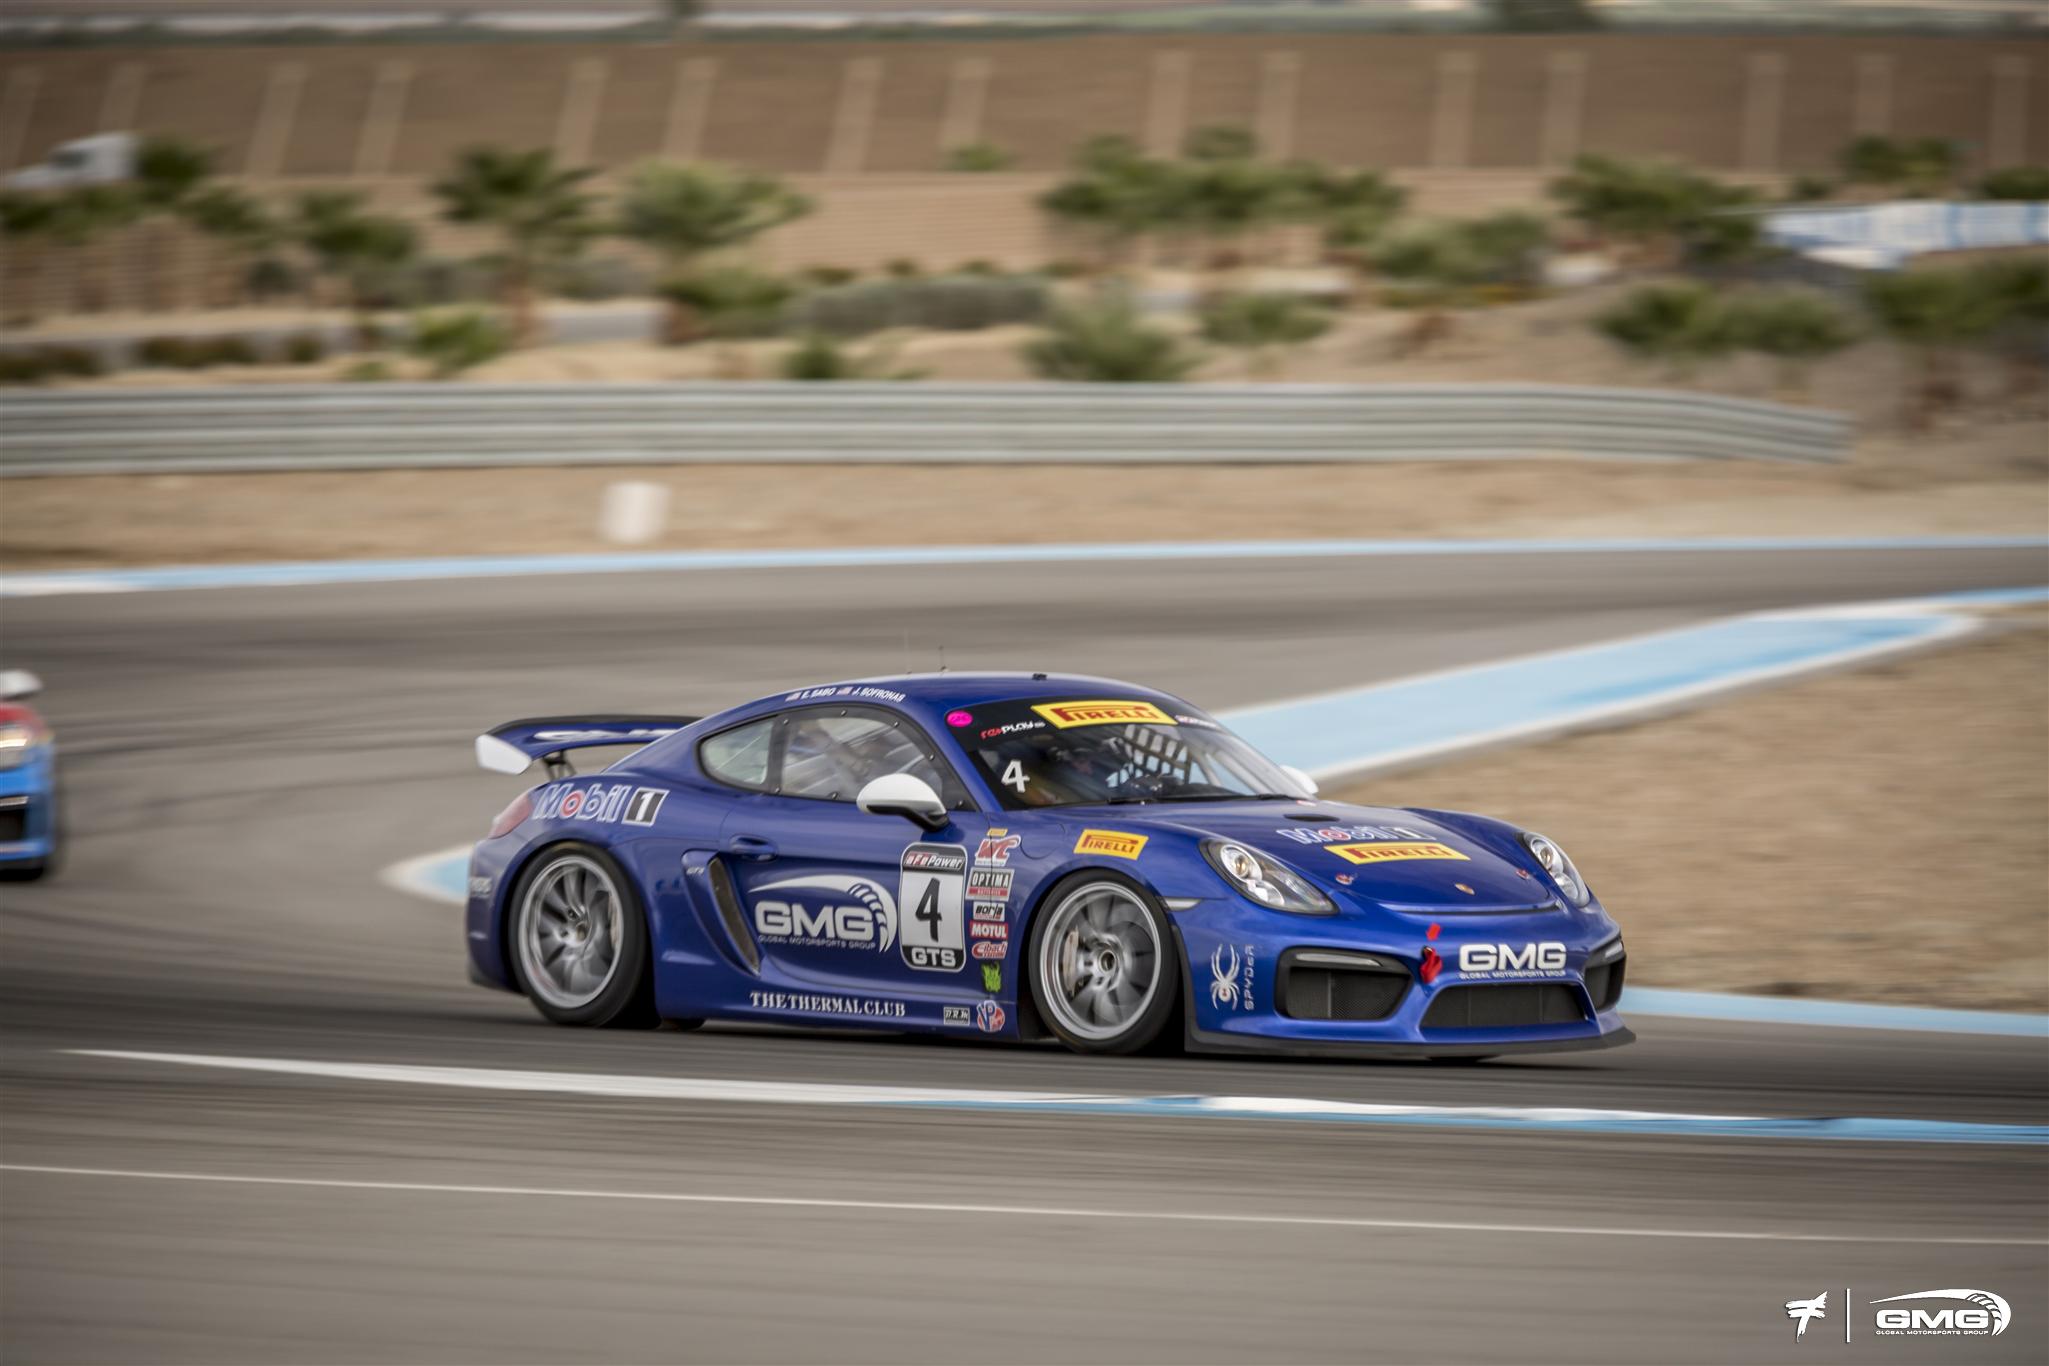 GMG Racing Porsche Cayman GT4 clubsport